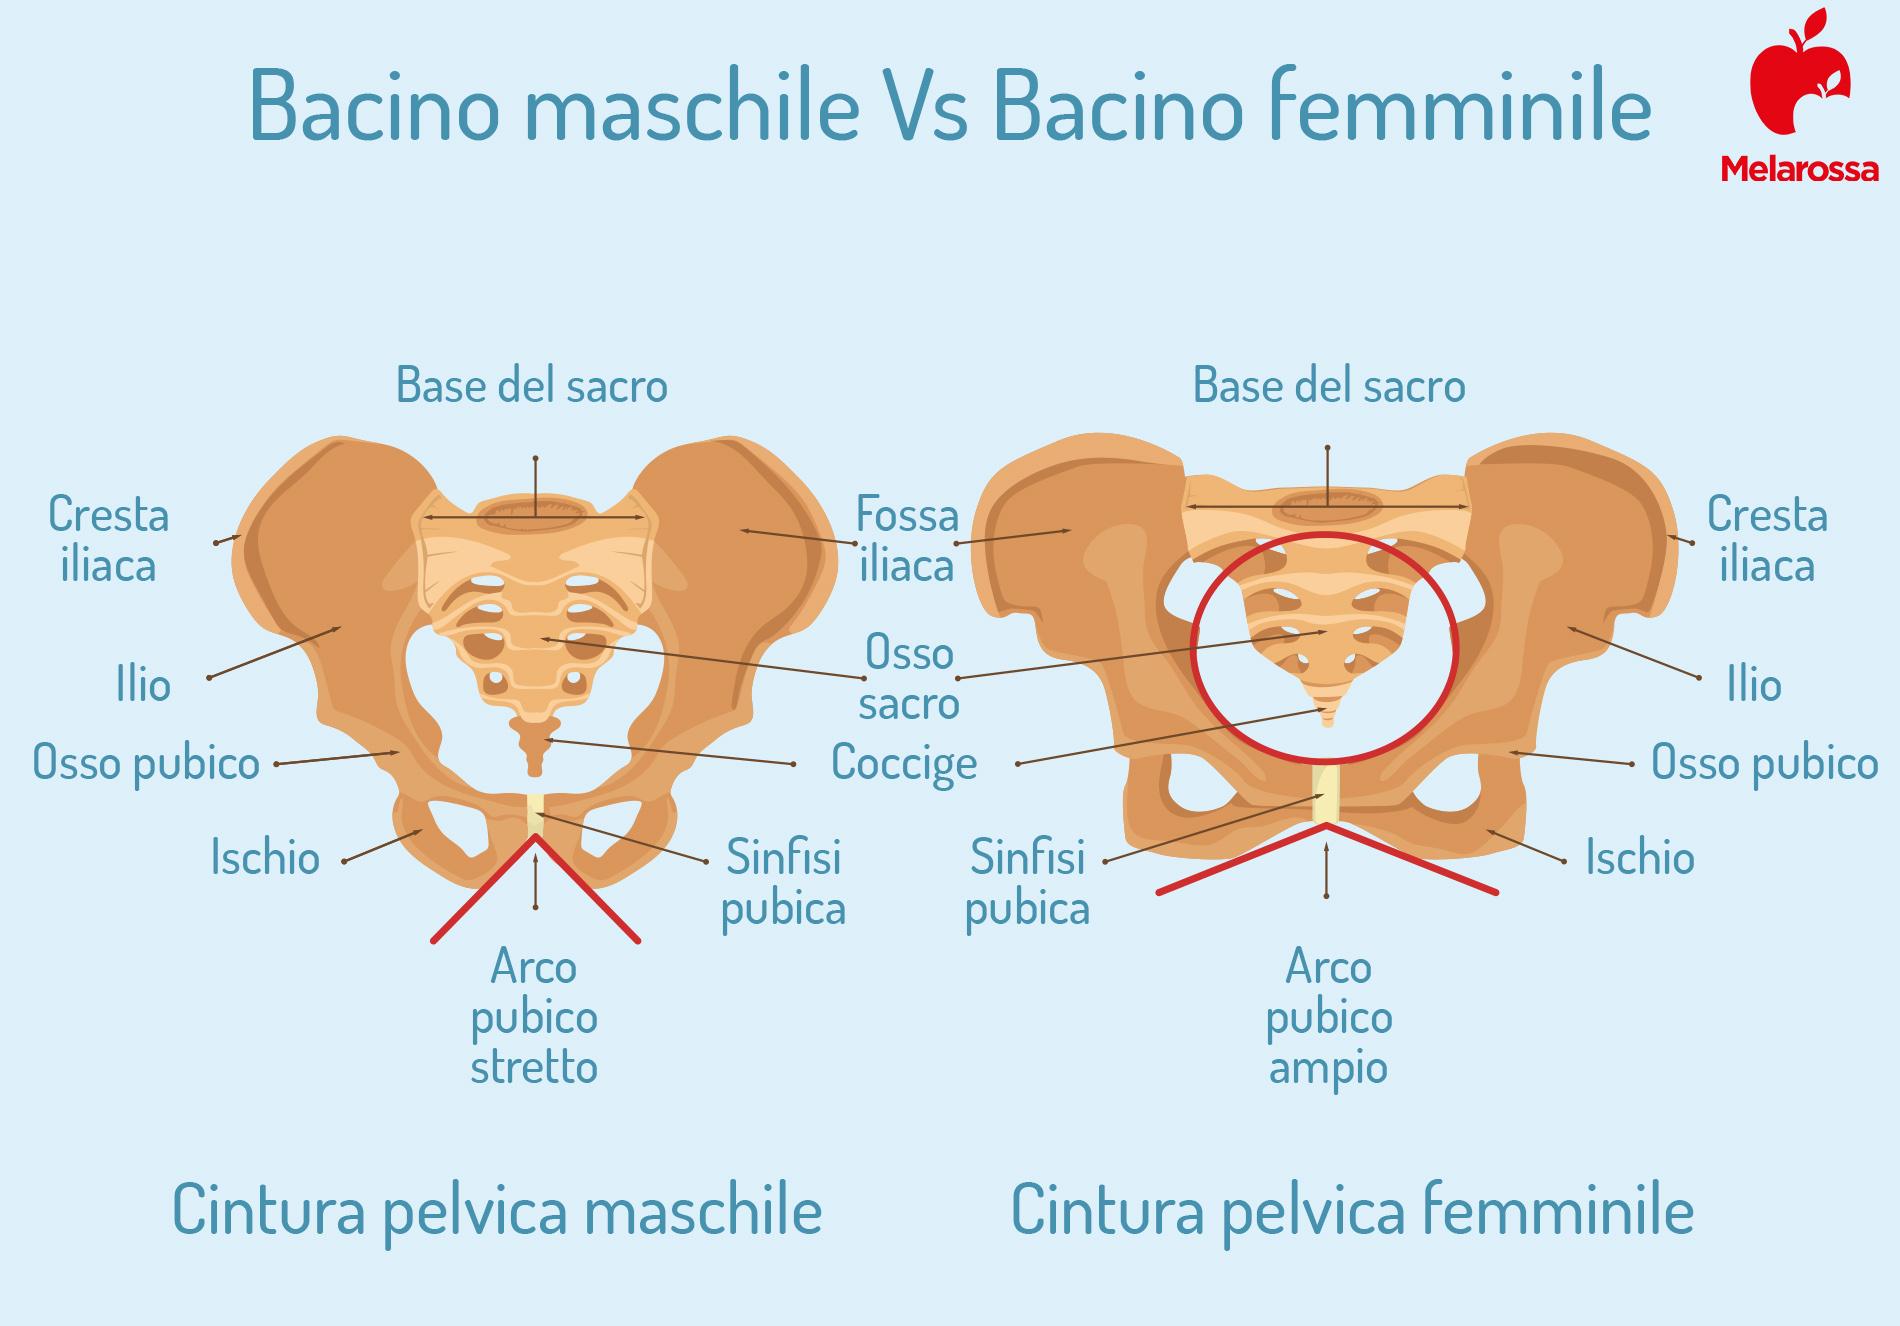 perineo maschile e femminile